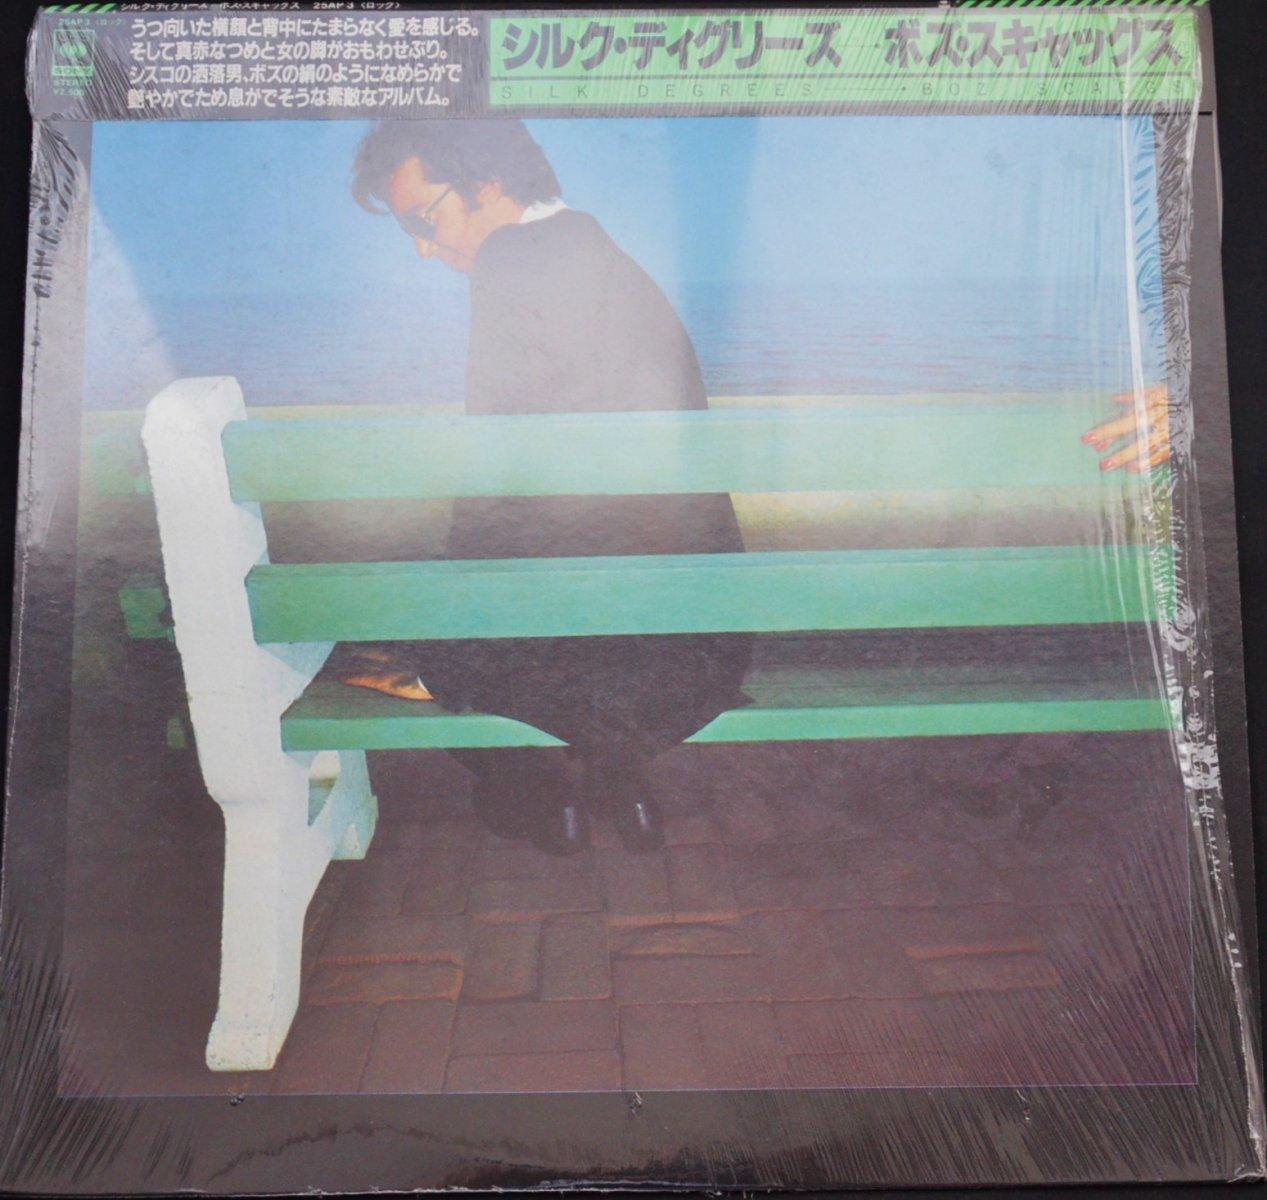 ボズ・スキャッグス BOZ SCAGGS / シルク・ディグリーズ SILK DEGREES (LP)